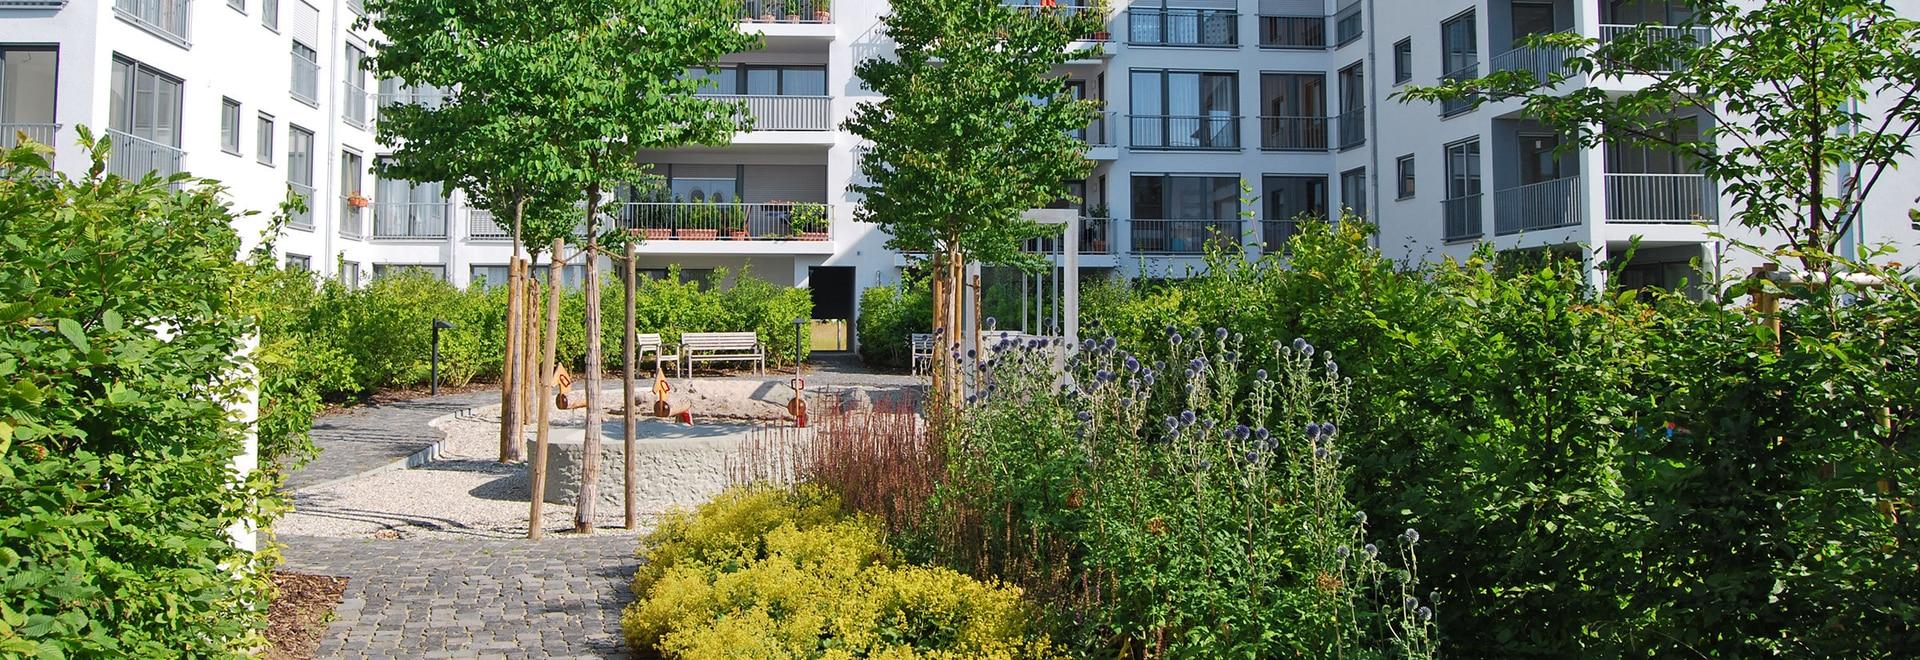 Este complejo residencial tiene una exuberante vegetación en sus patios, ocultando el aparcamiento subterráneo de abajo